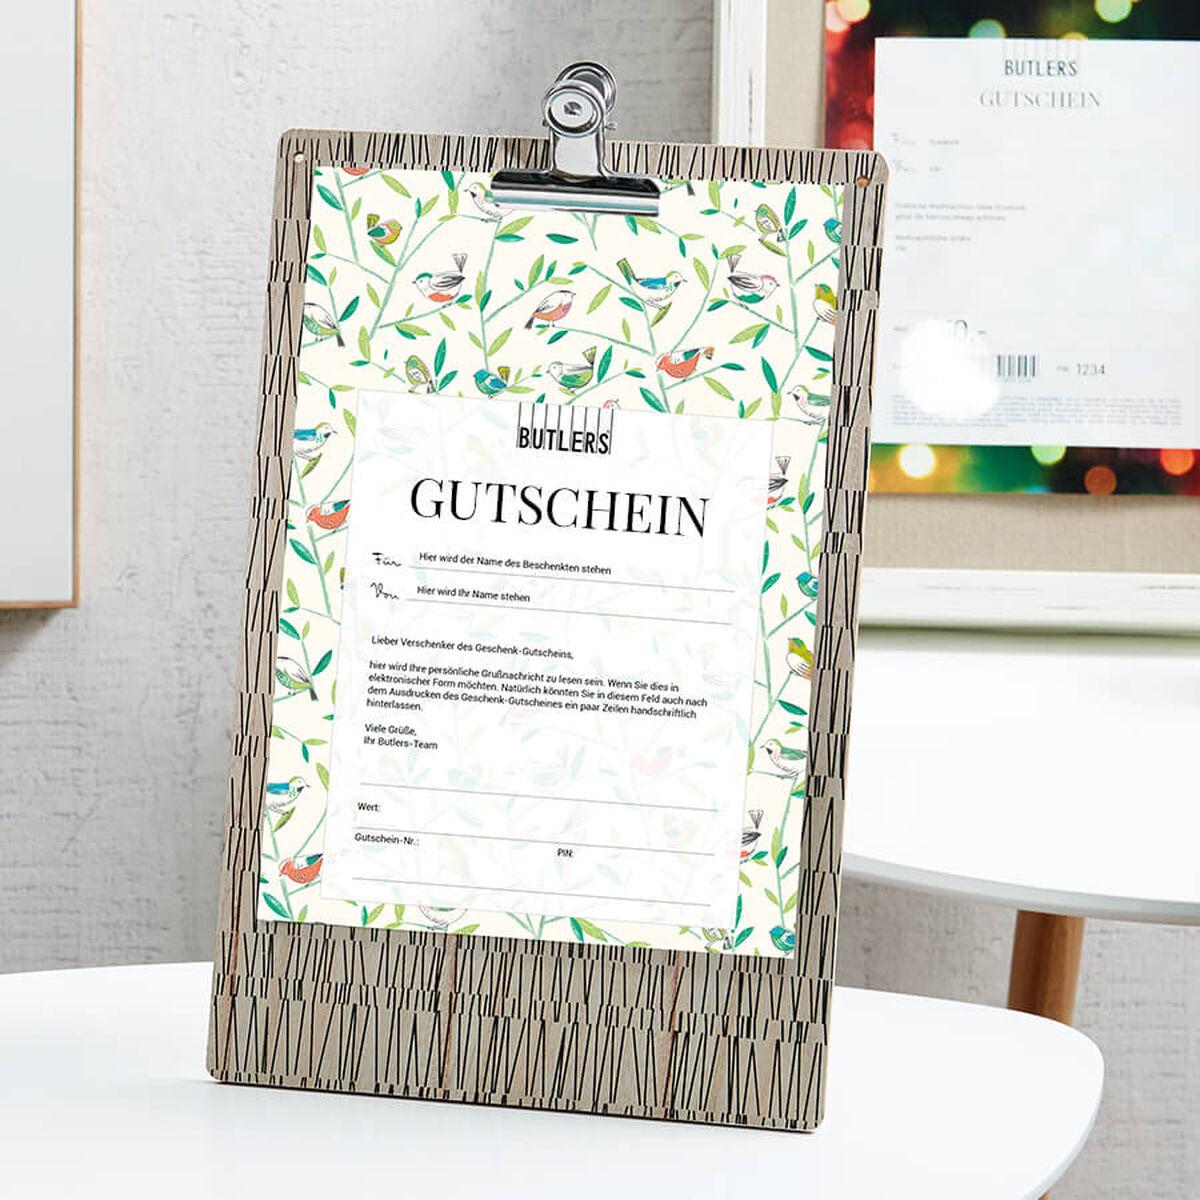 butlers gutschein geschenkgutscheine online bestellen. Black Bedroom Furniture Sets. Home Design Ideas